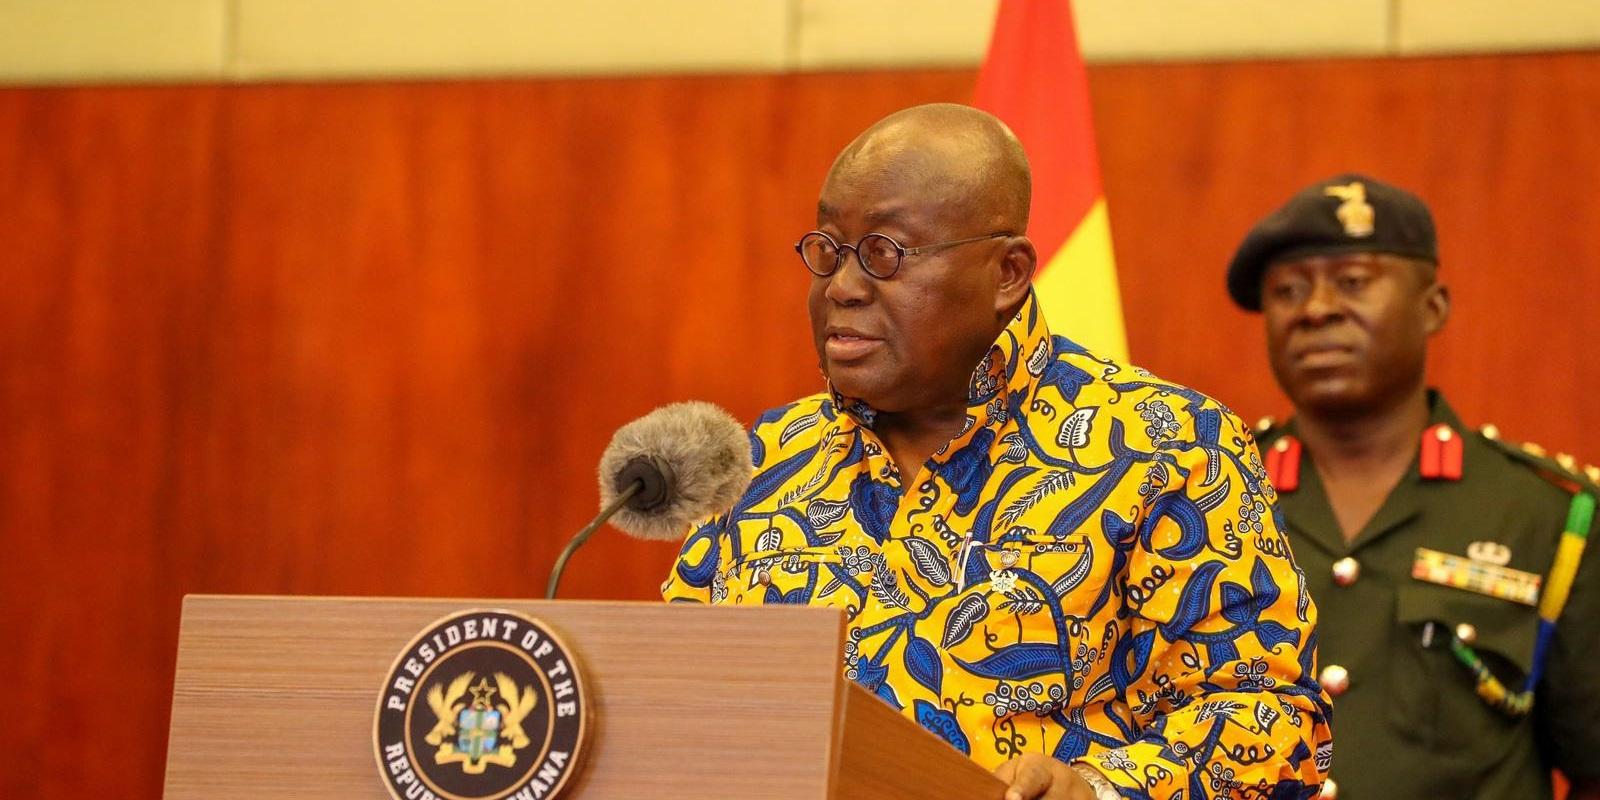 İzleyin: MİLAT! Gana'nın Yeni Cumhurbaşkanı, Eşcinsel İlişkiyi Yasalaştırabilir!